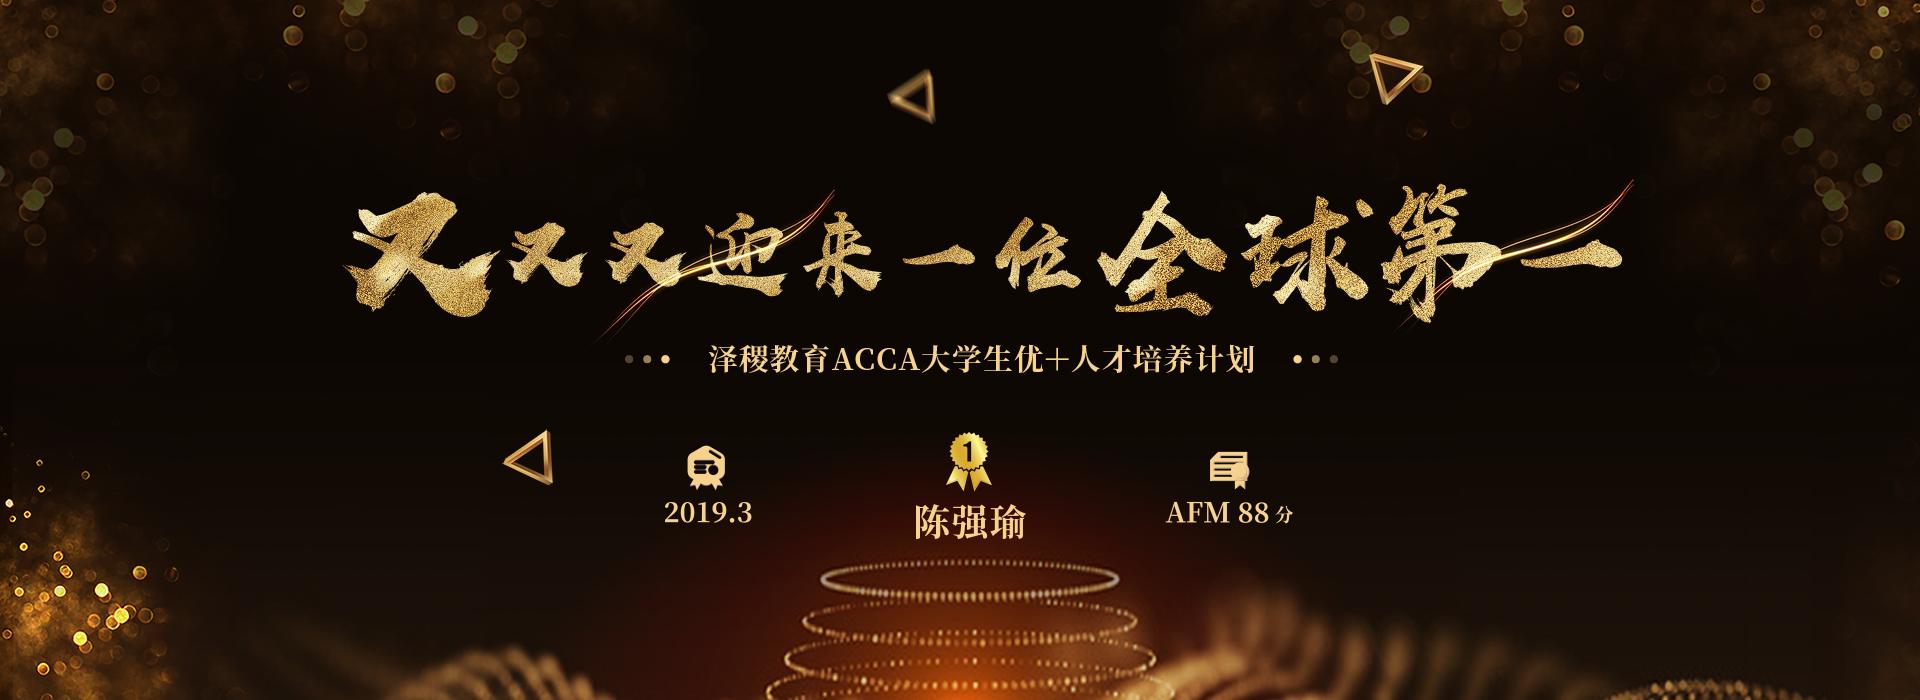 泽稷ACCA全球第一陈强瑜